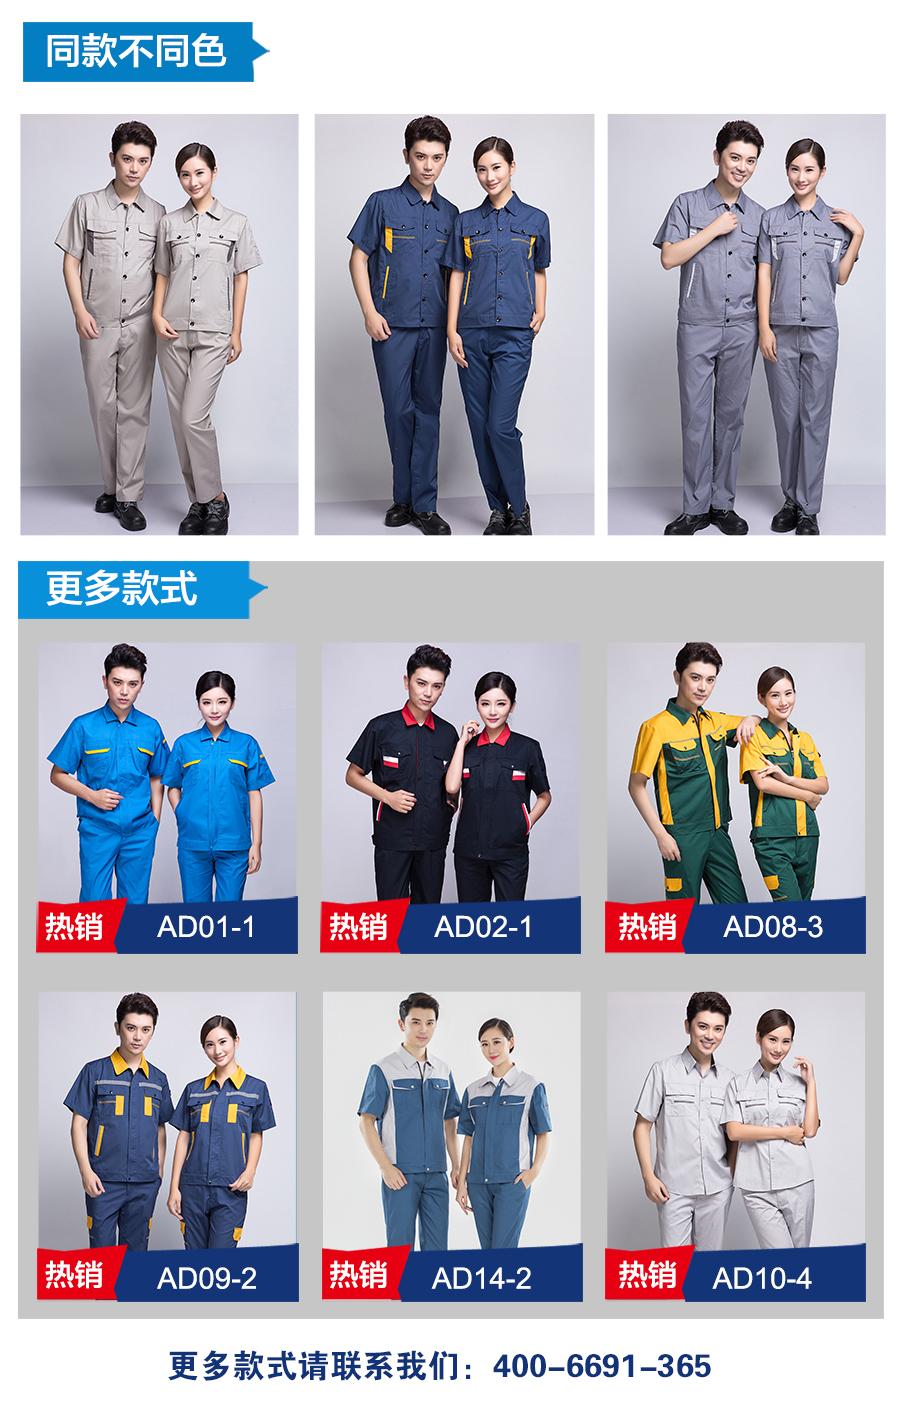 夏季工作服同款不同色.jpg